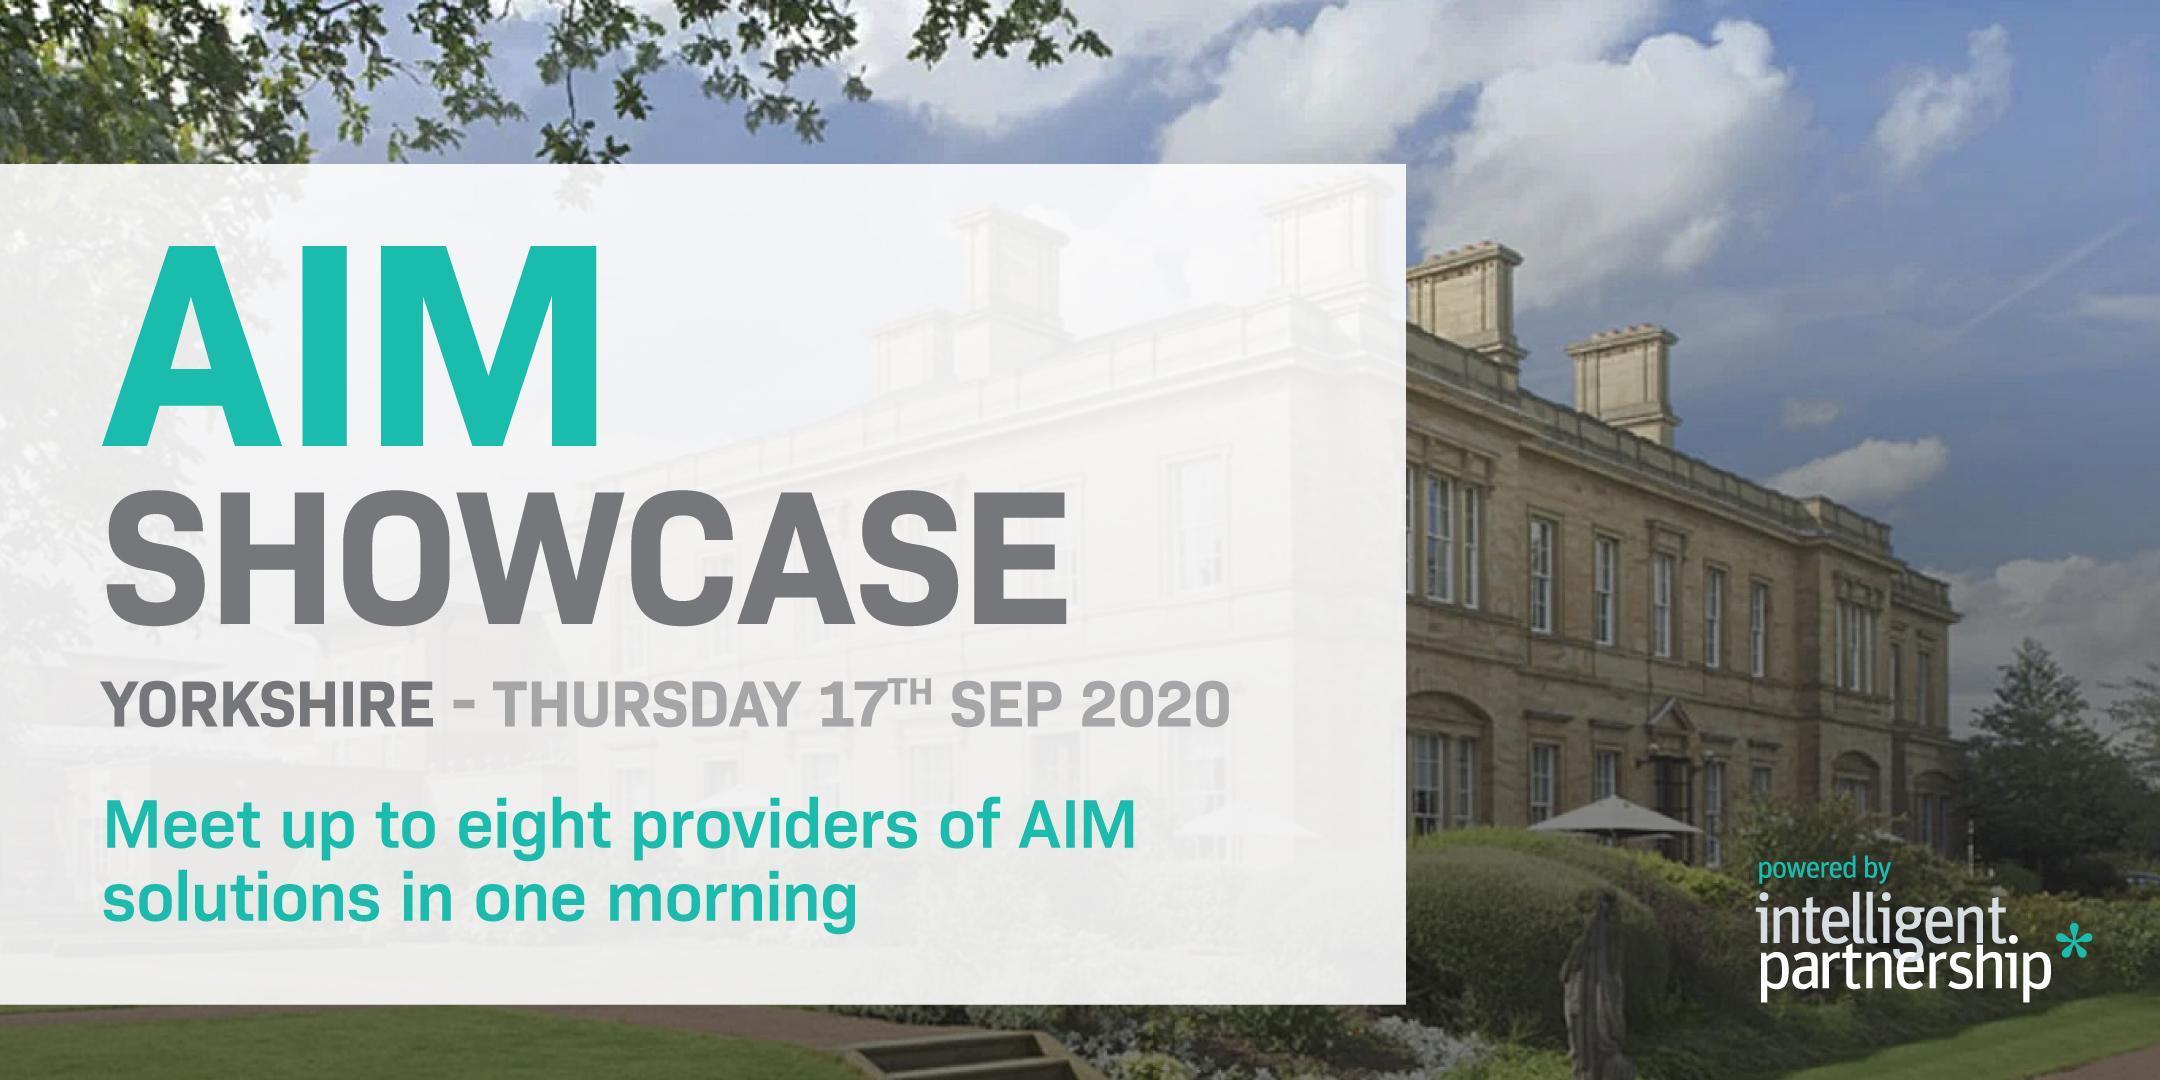 AIM Showcase 2020 | Yorkshire